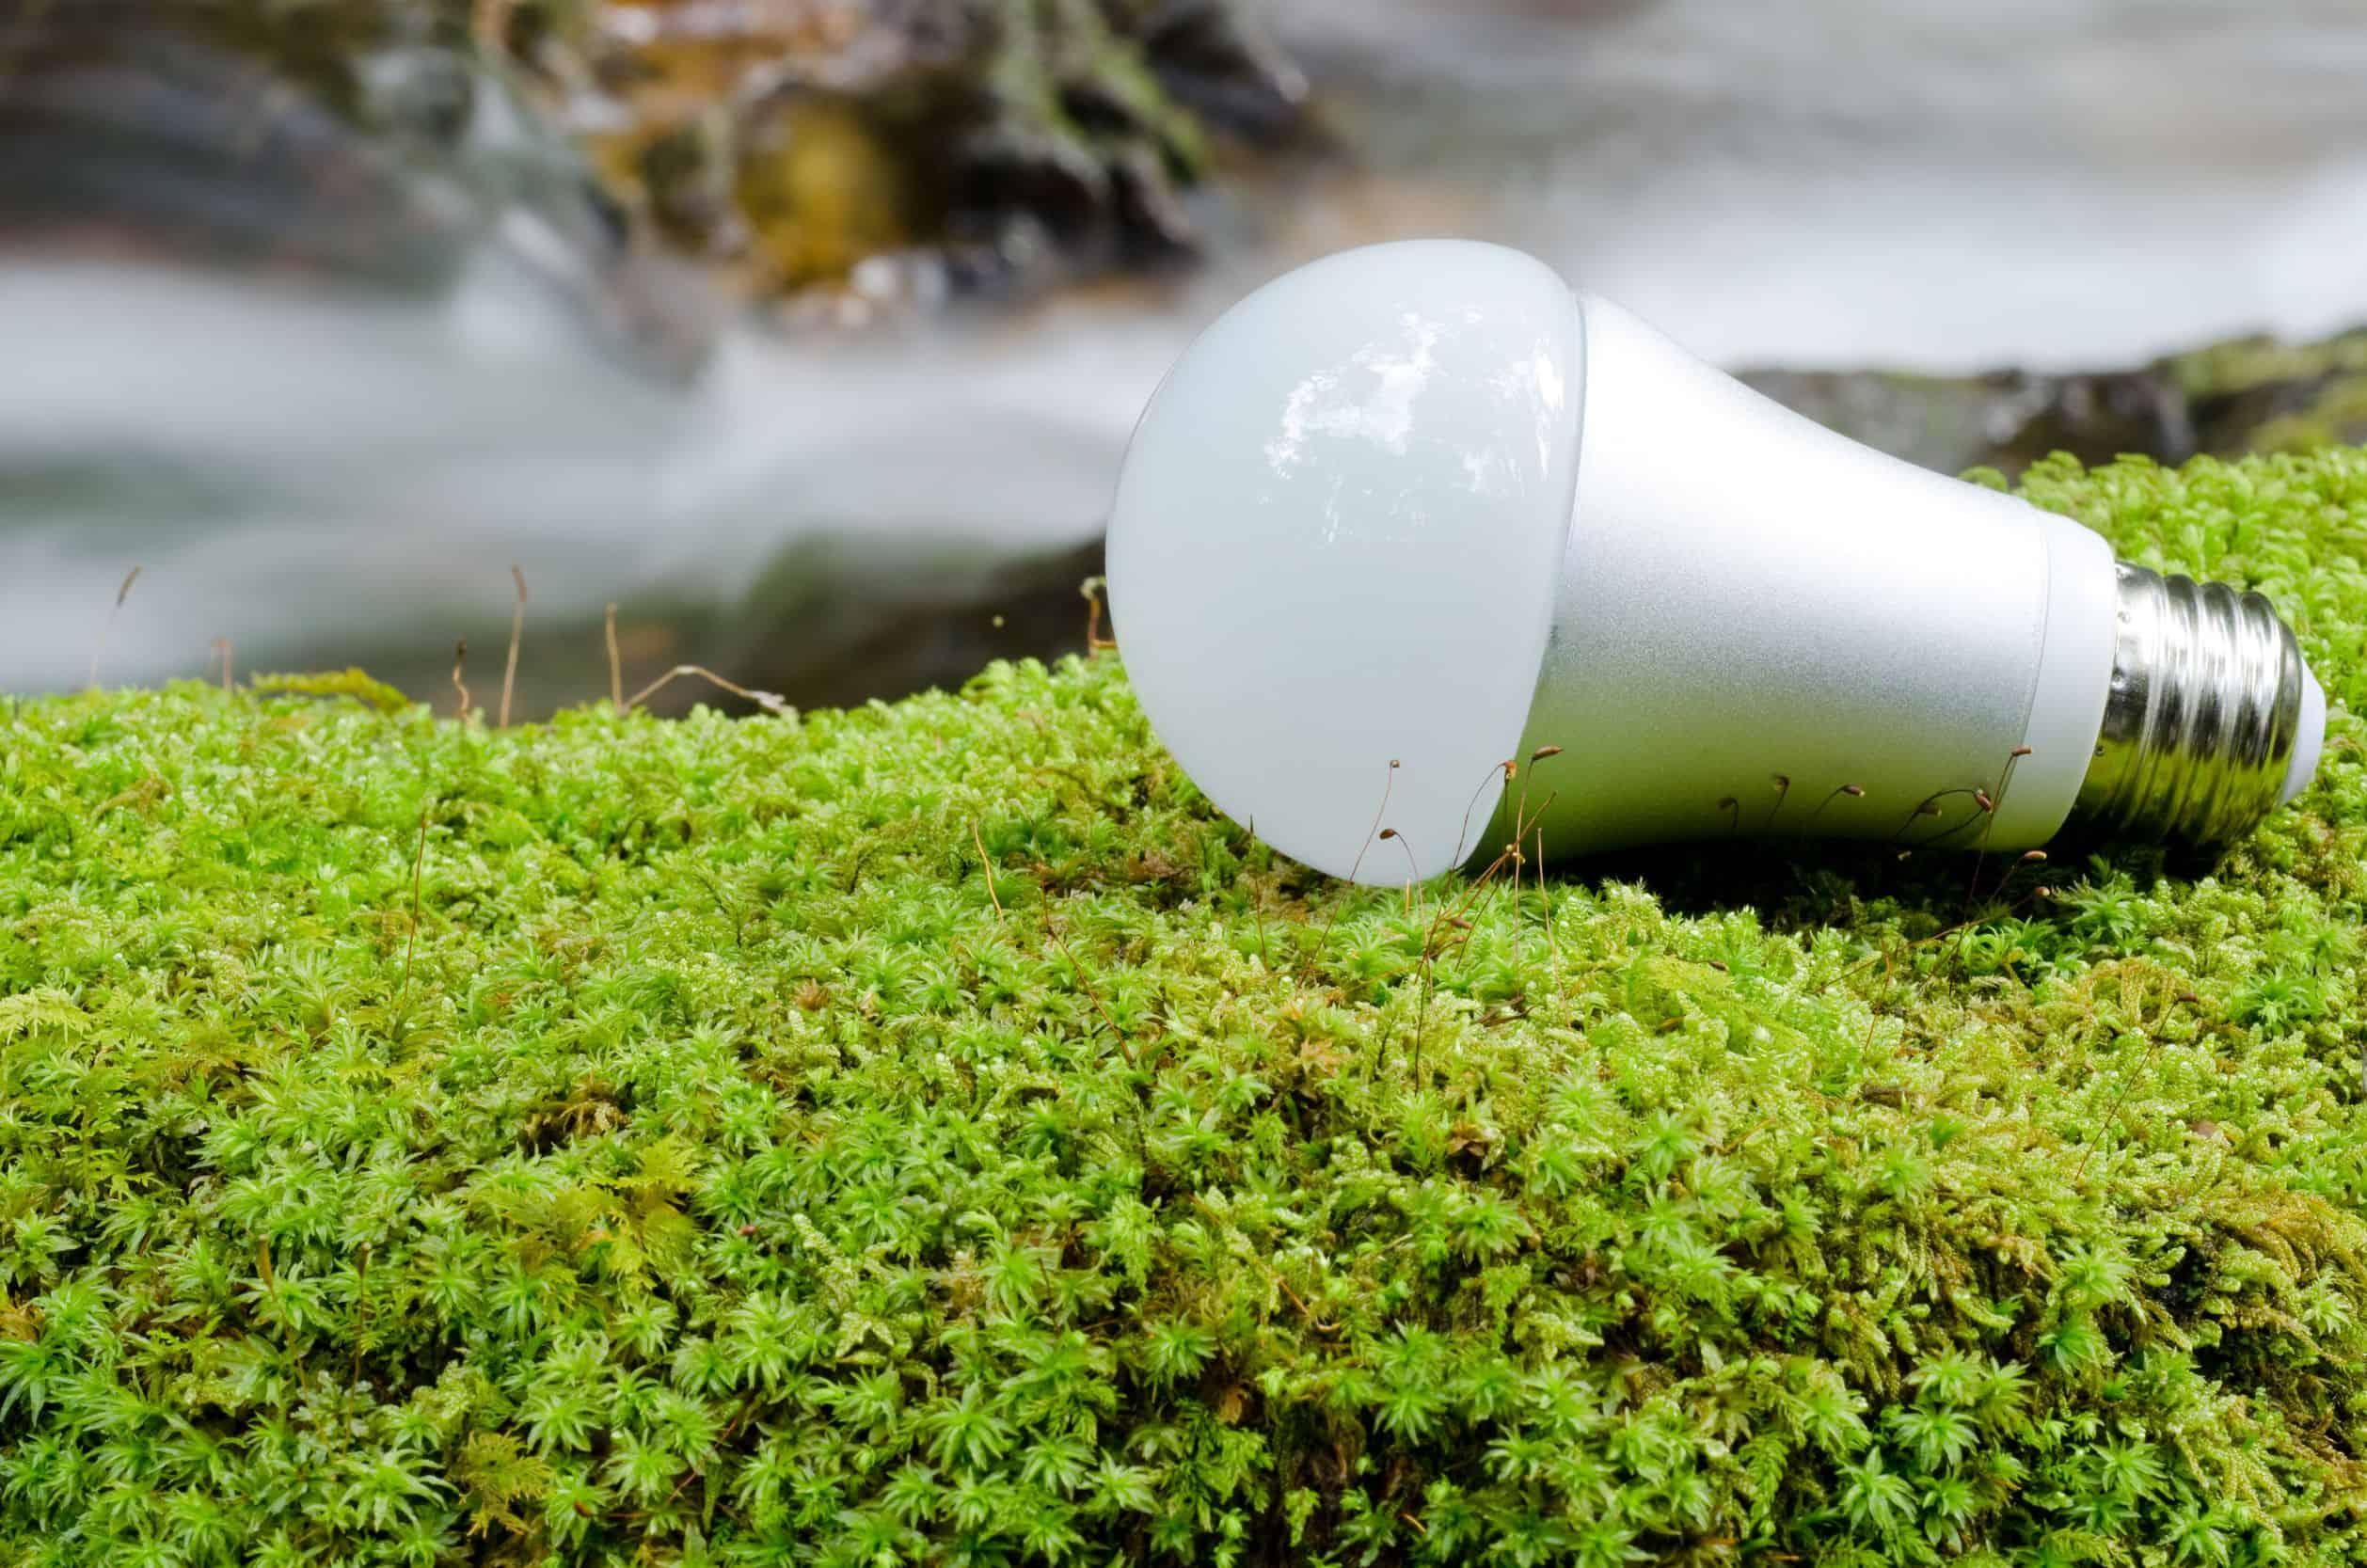 Pflanzenlampe: Test & Empfehlungen (09/20)